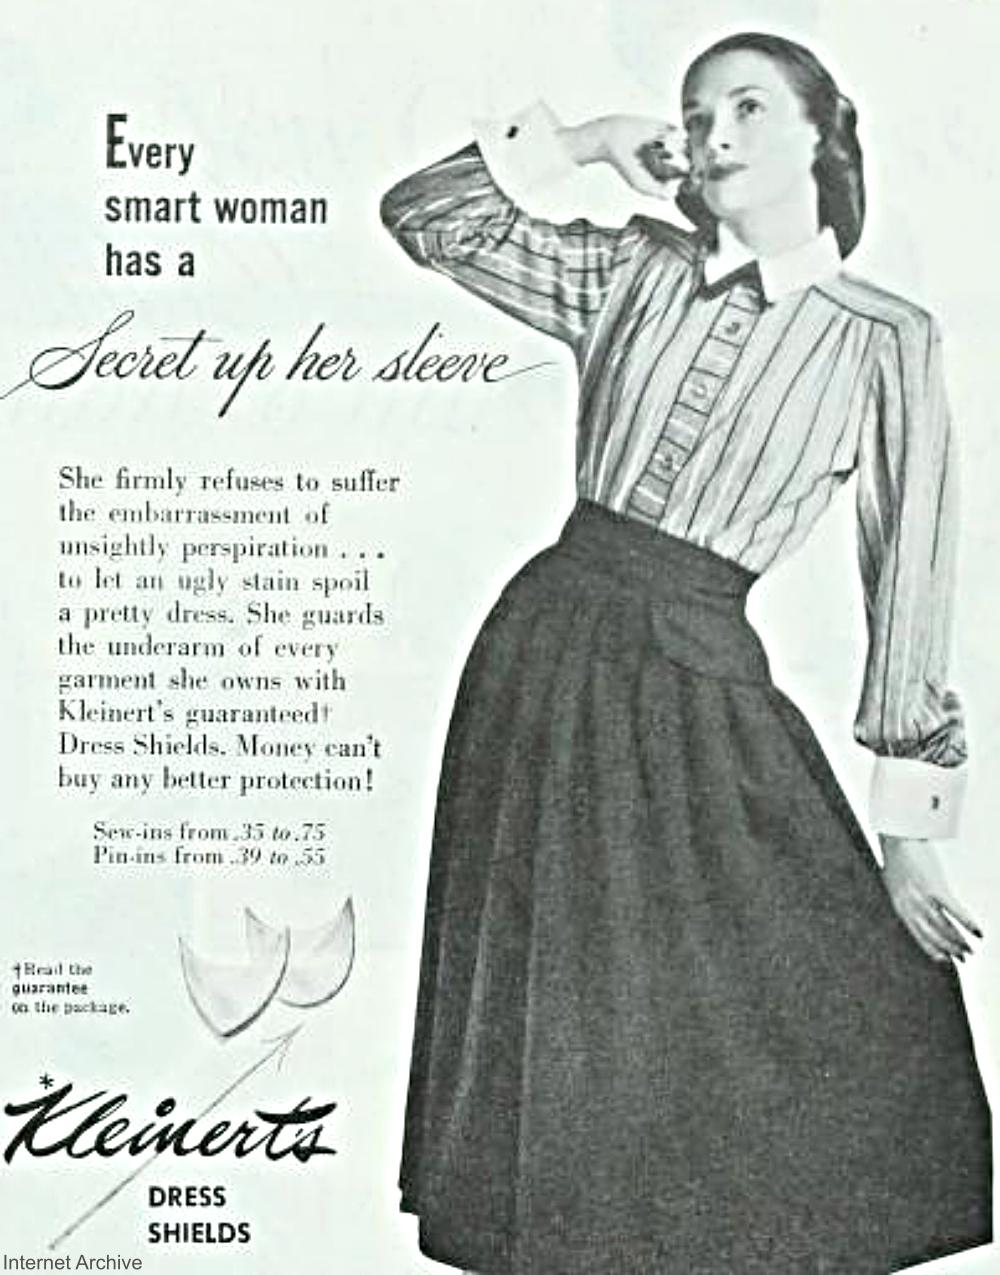 Kleinert's Dress Shields Vintage Advertisement